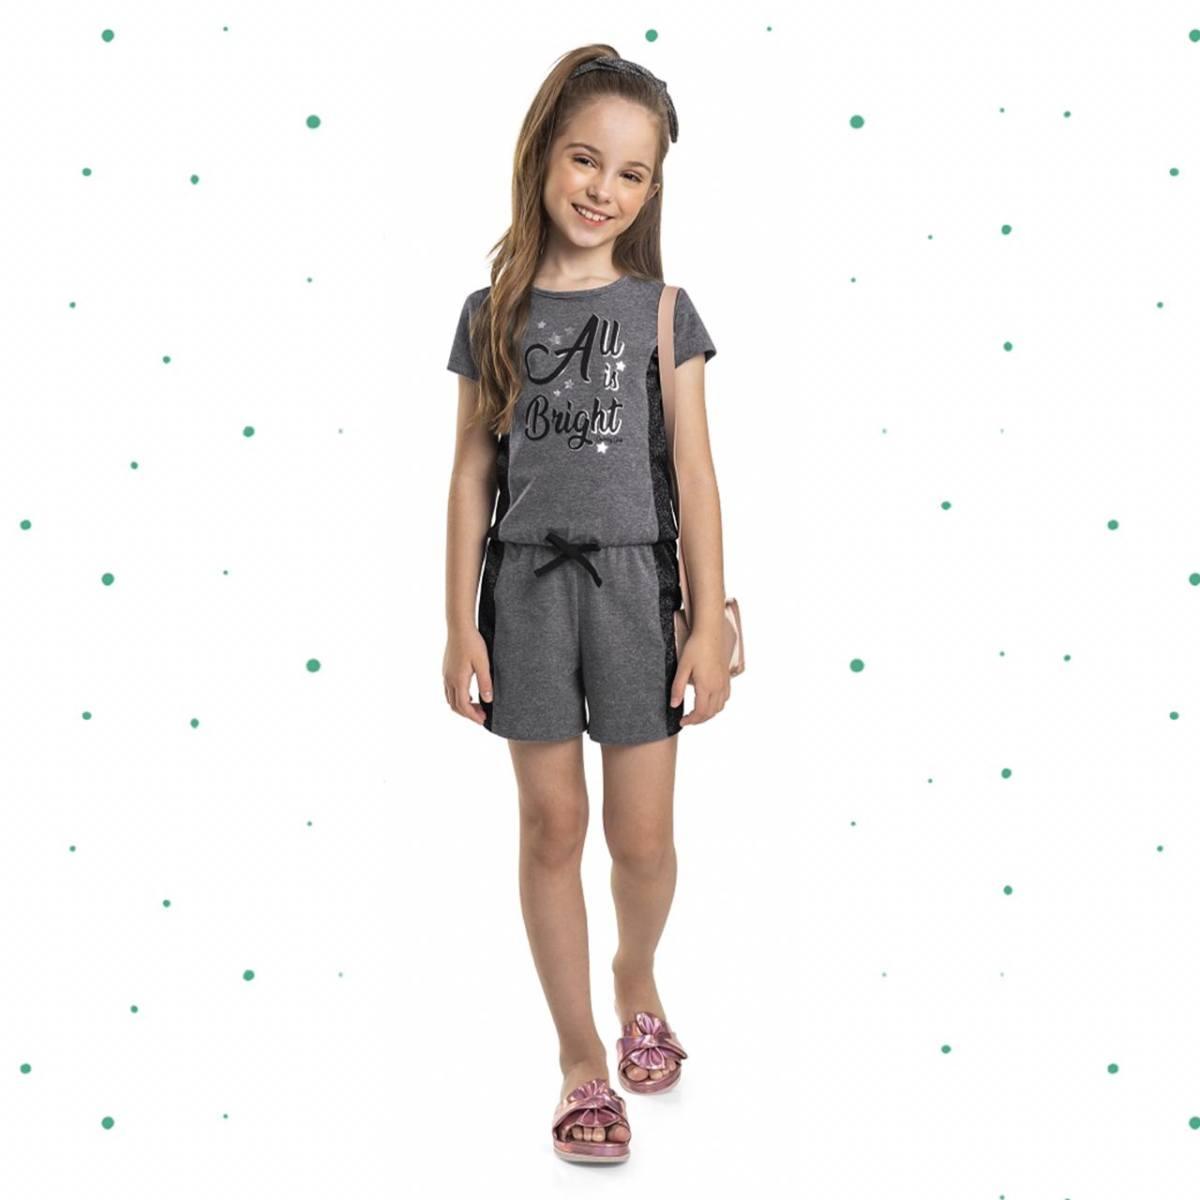 Macaquinho Infantil Quimby em Cotton com Recorte em Moletinho Metalizado